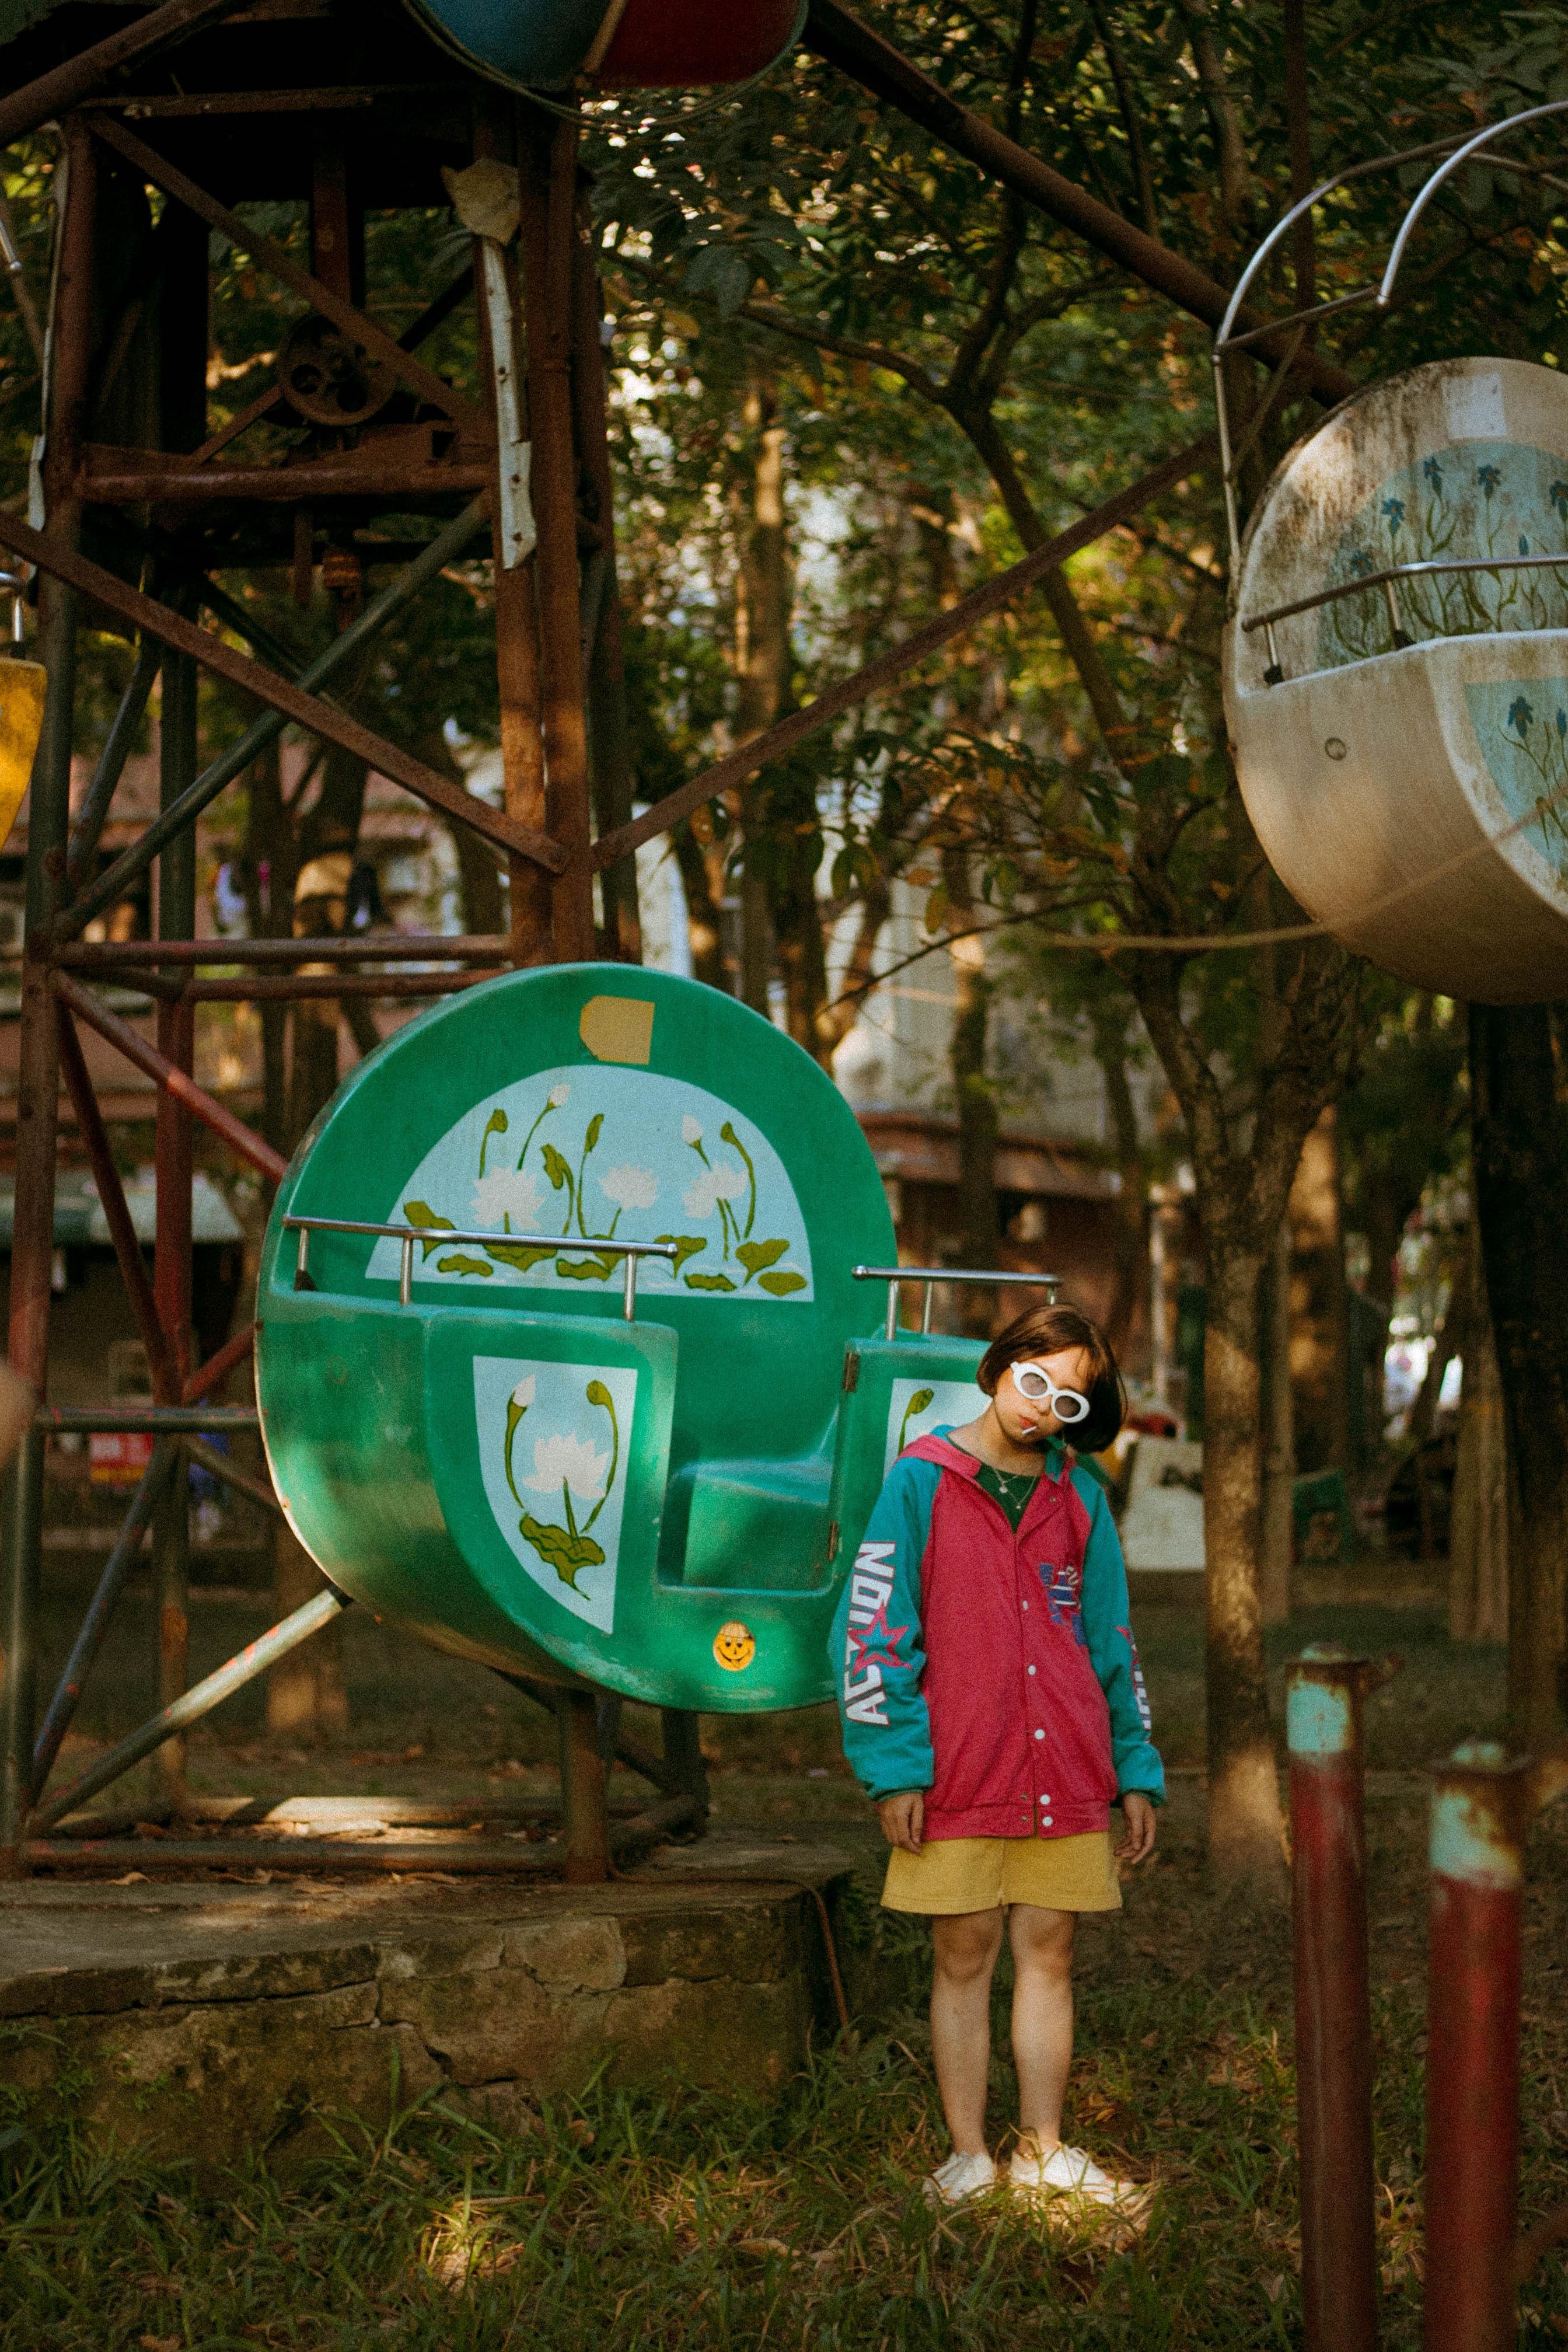 girl standing in front of green ferris wheel